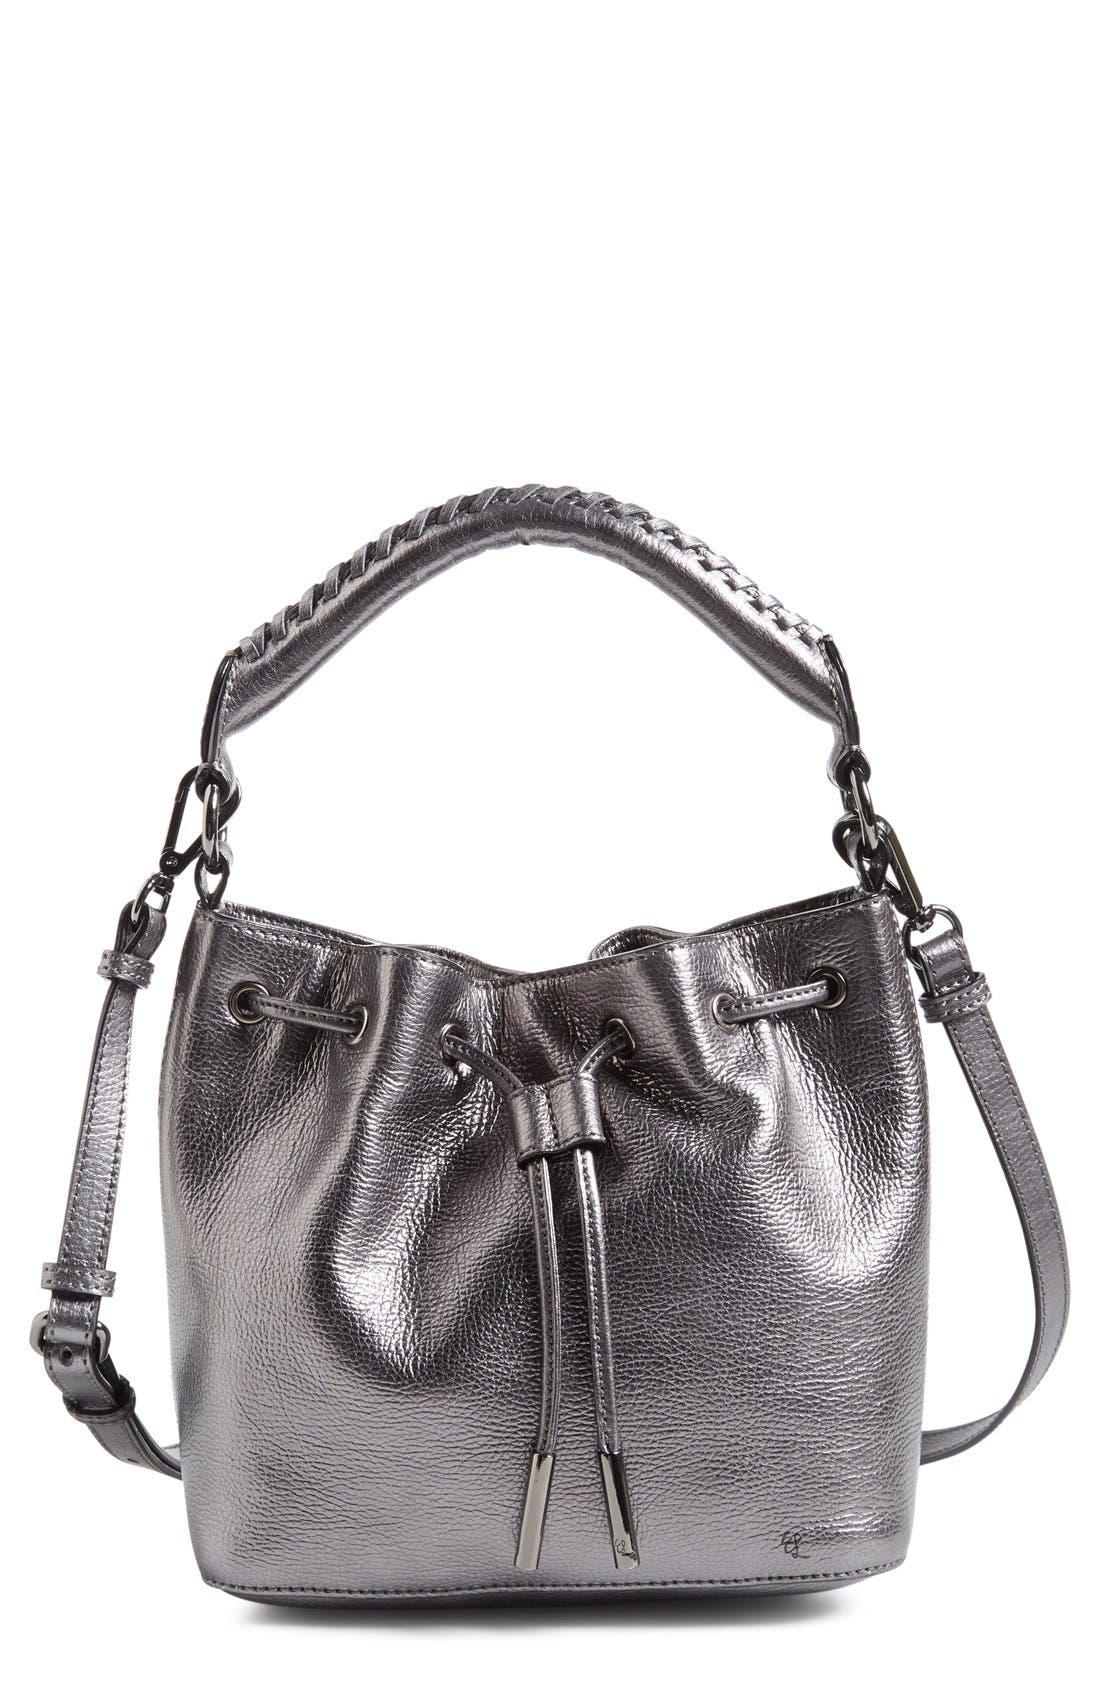 Alternate Image 1 Selected - Elliott Lucca 'Gigi Bon Bon' Leather Bucket Bag